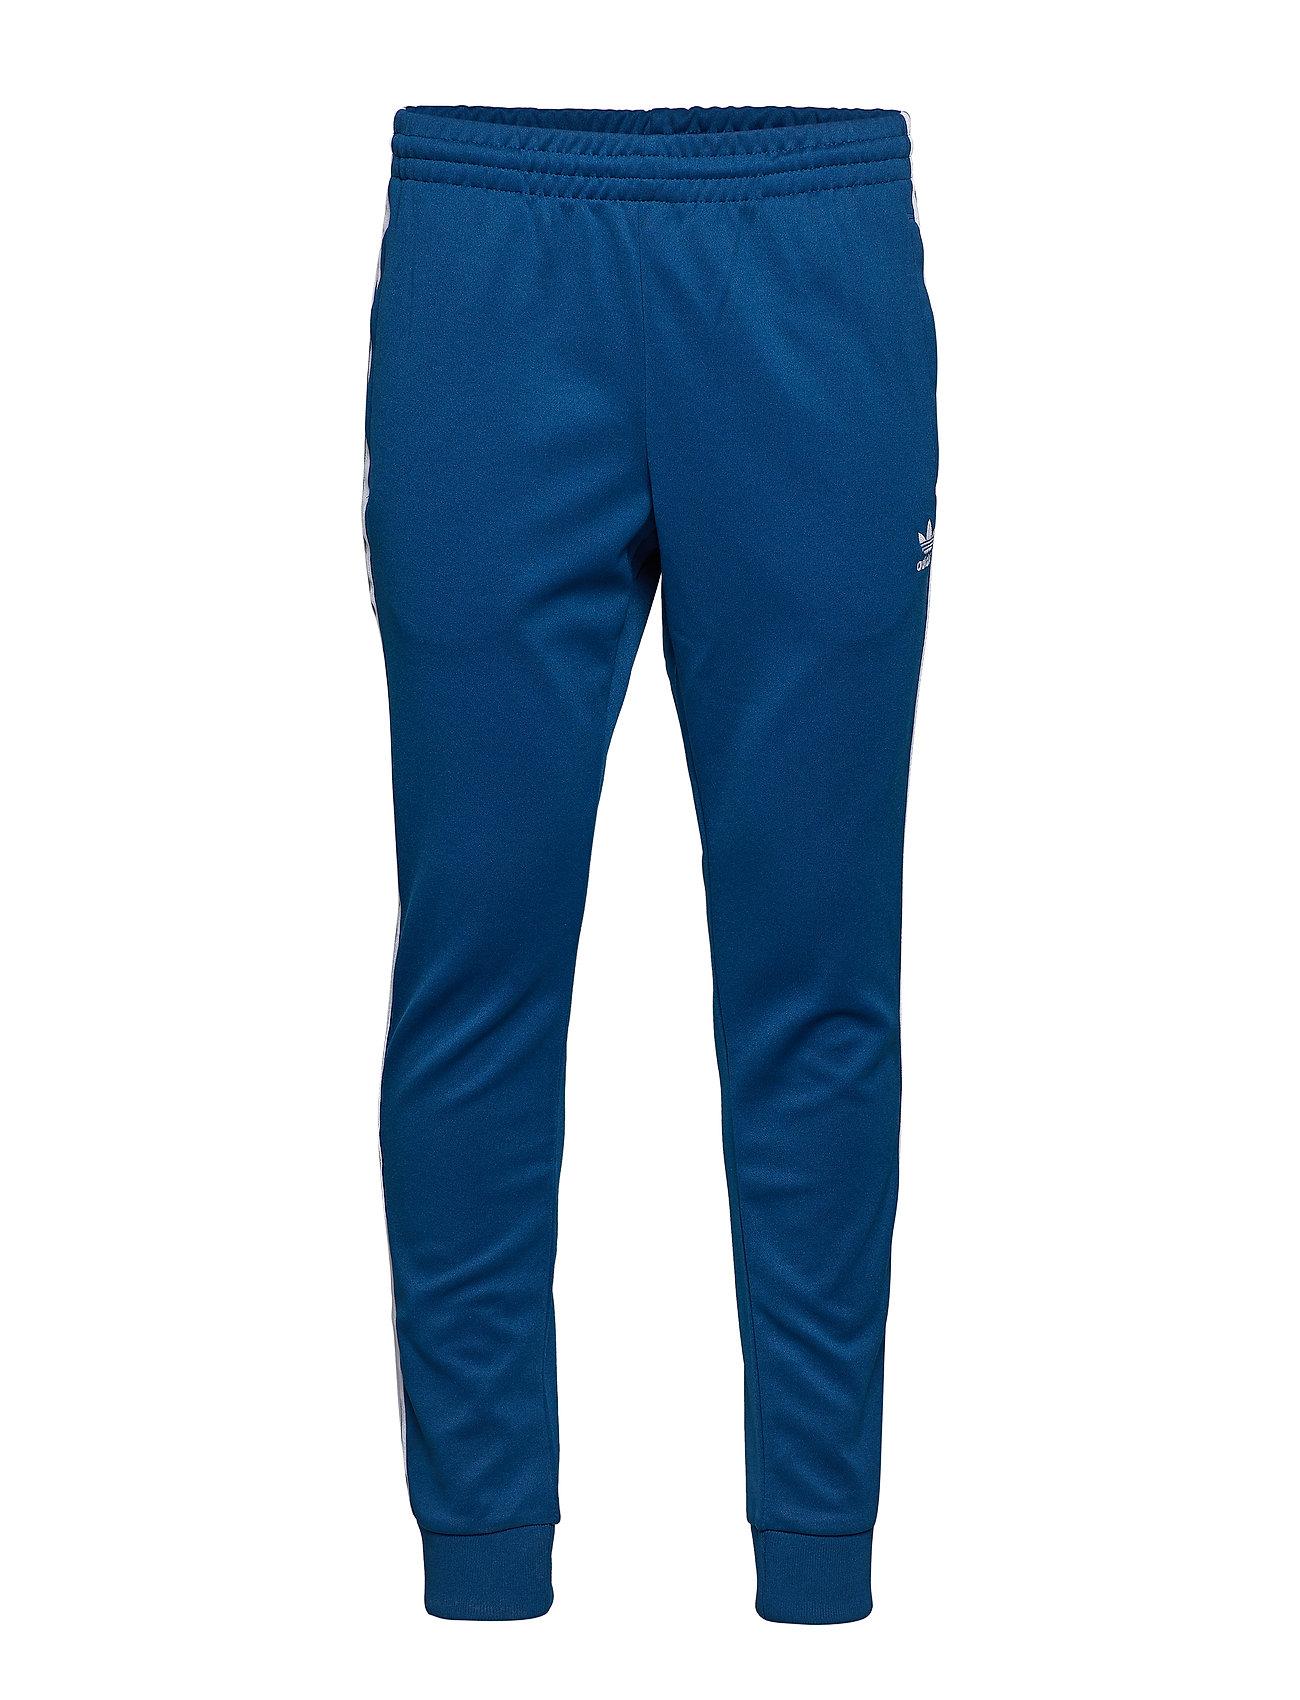 Adidas Originals SST TP Byxor